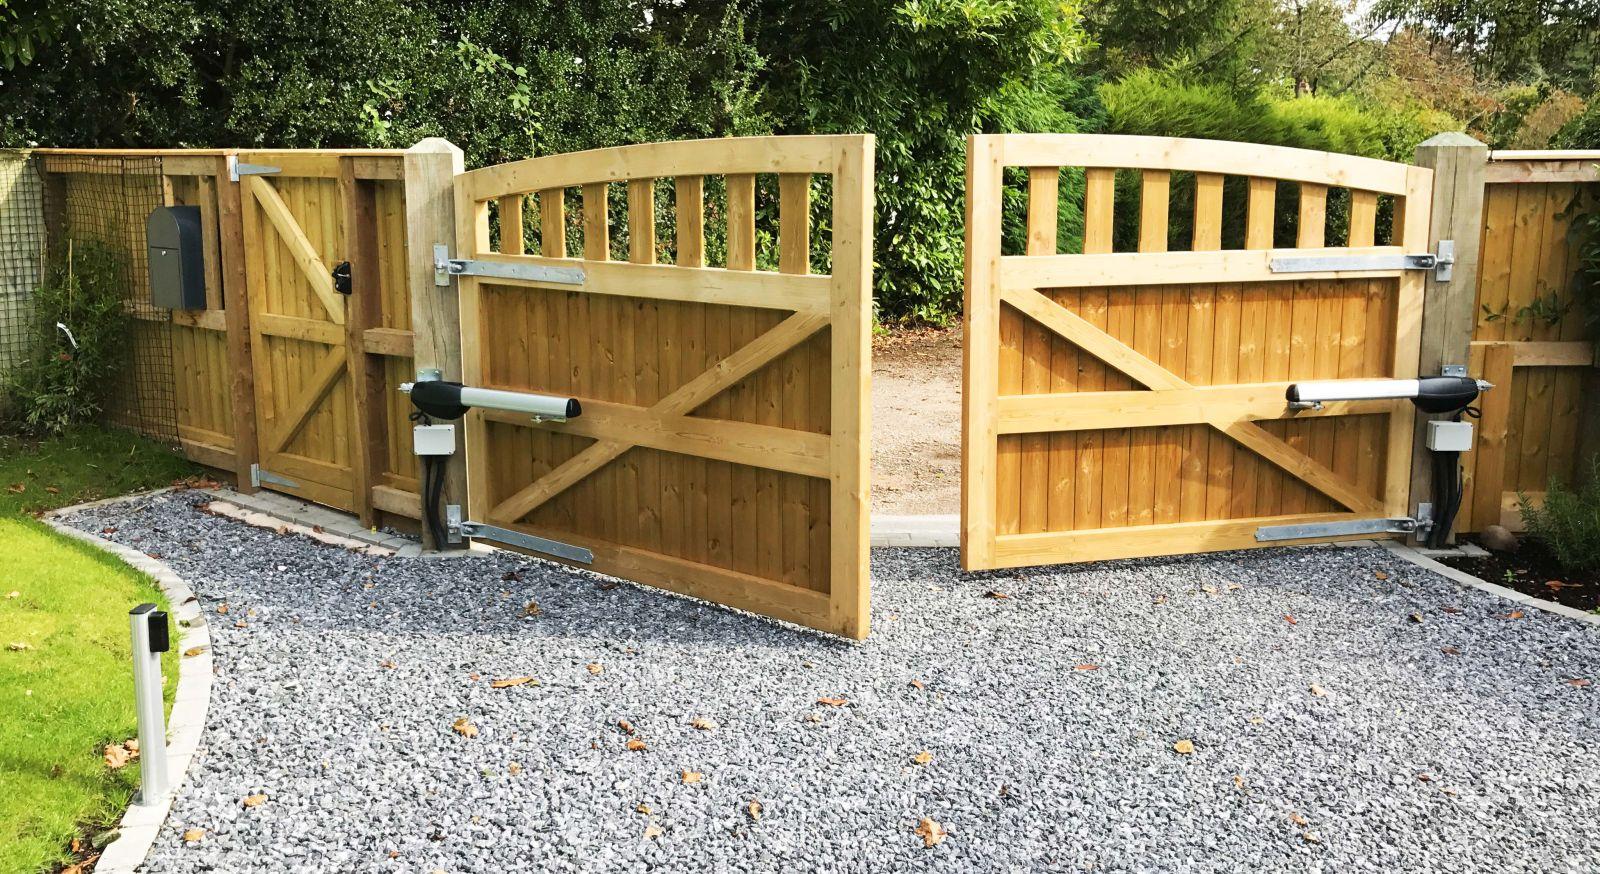 Twin Electric Sliding Gate Kits